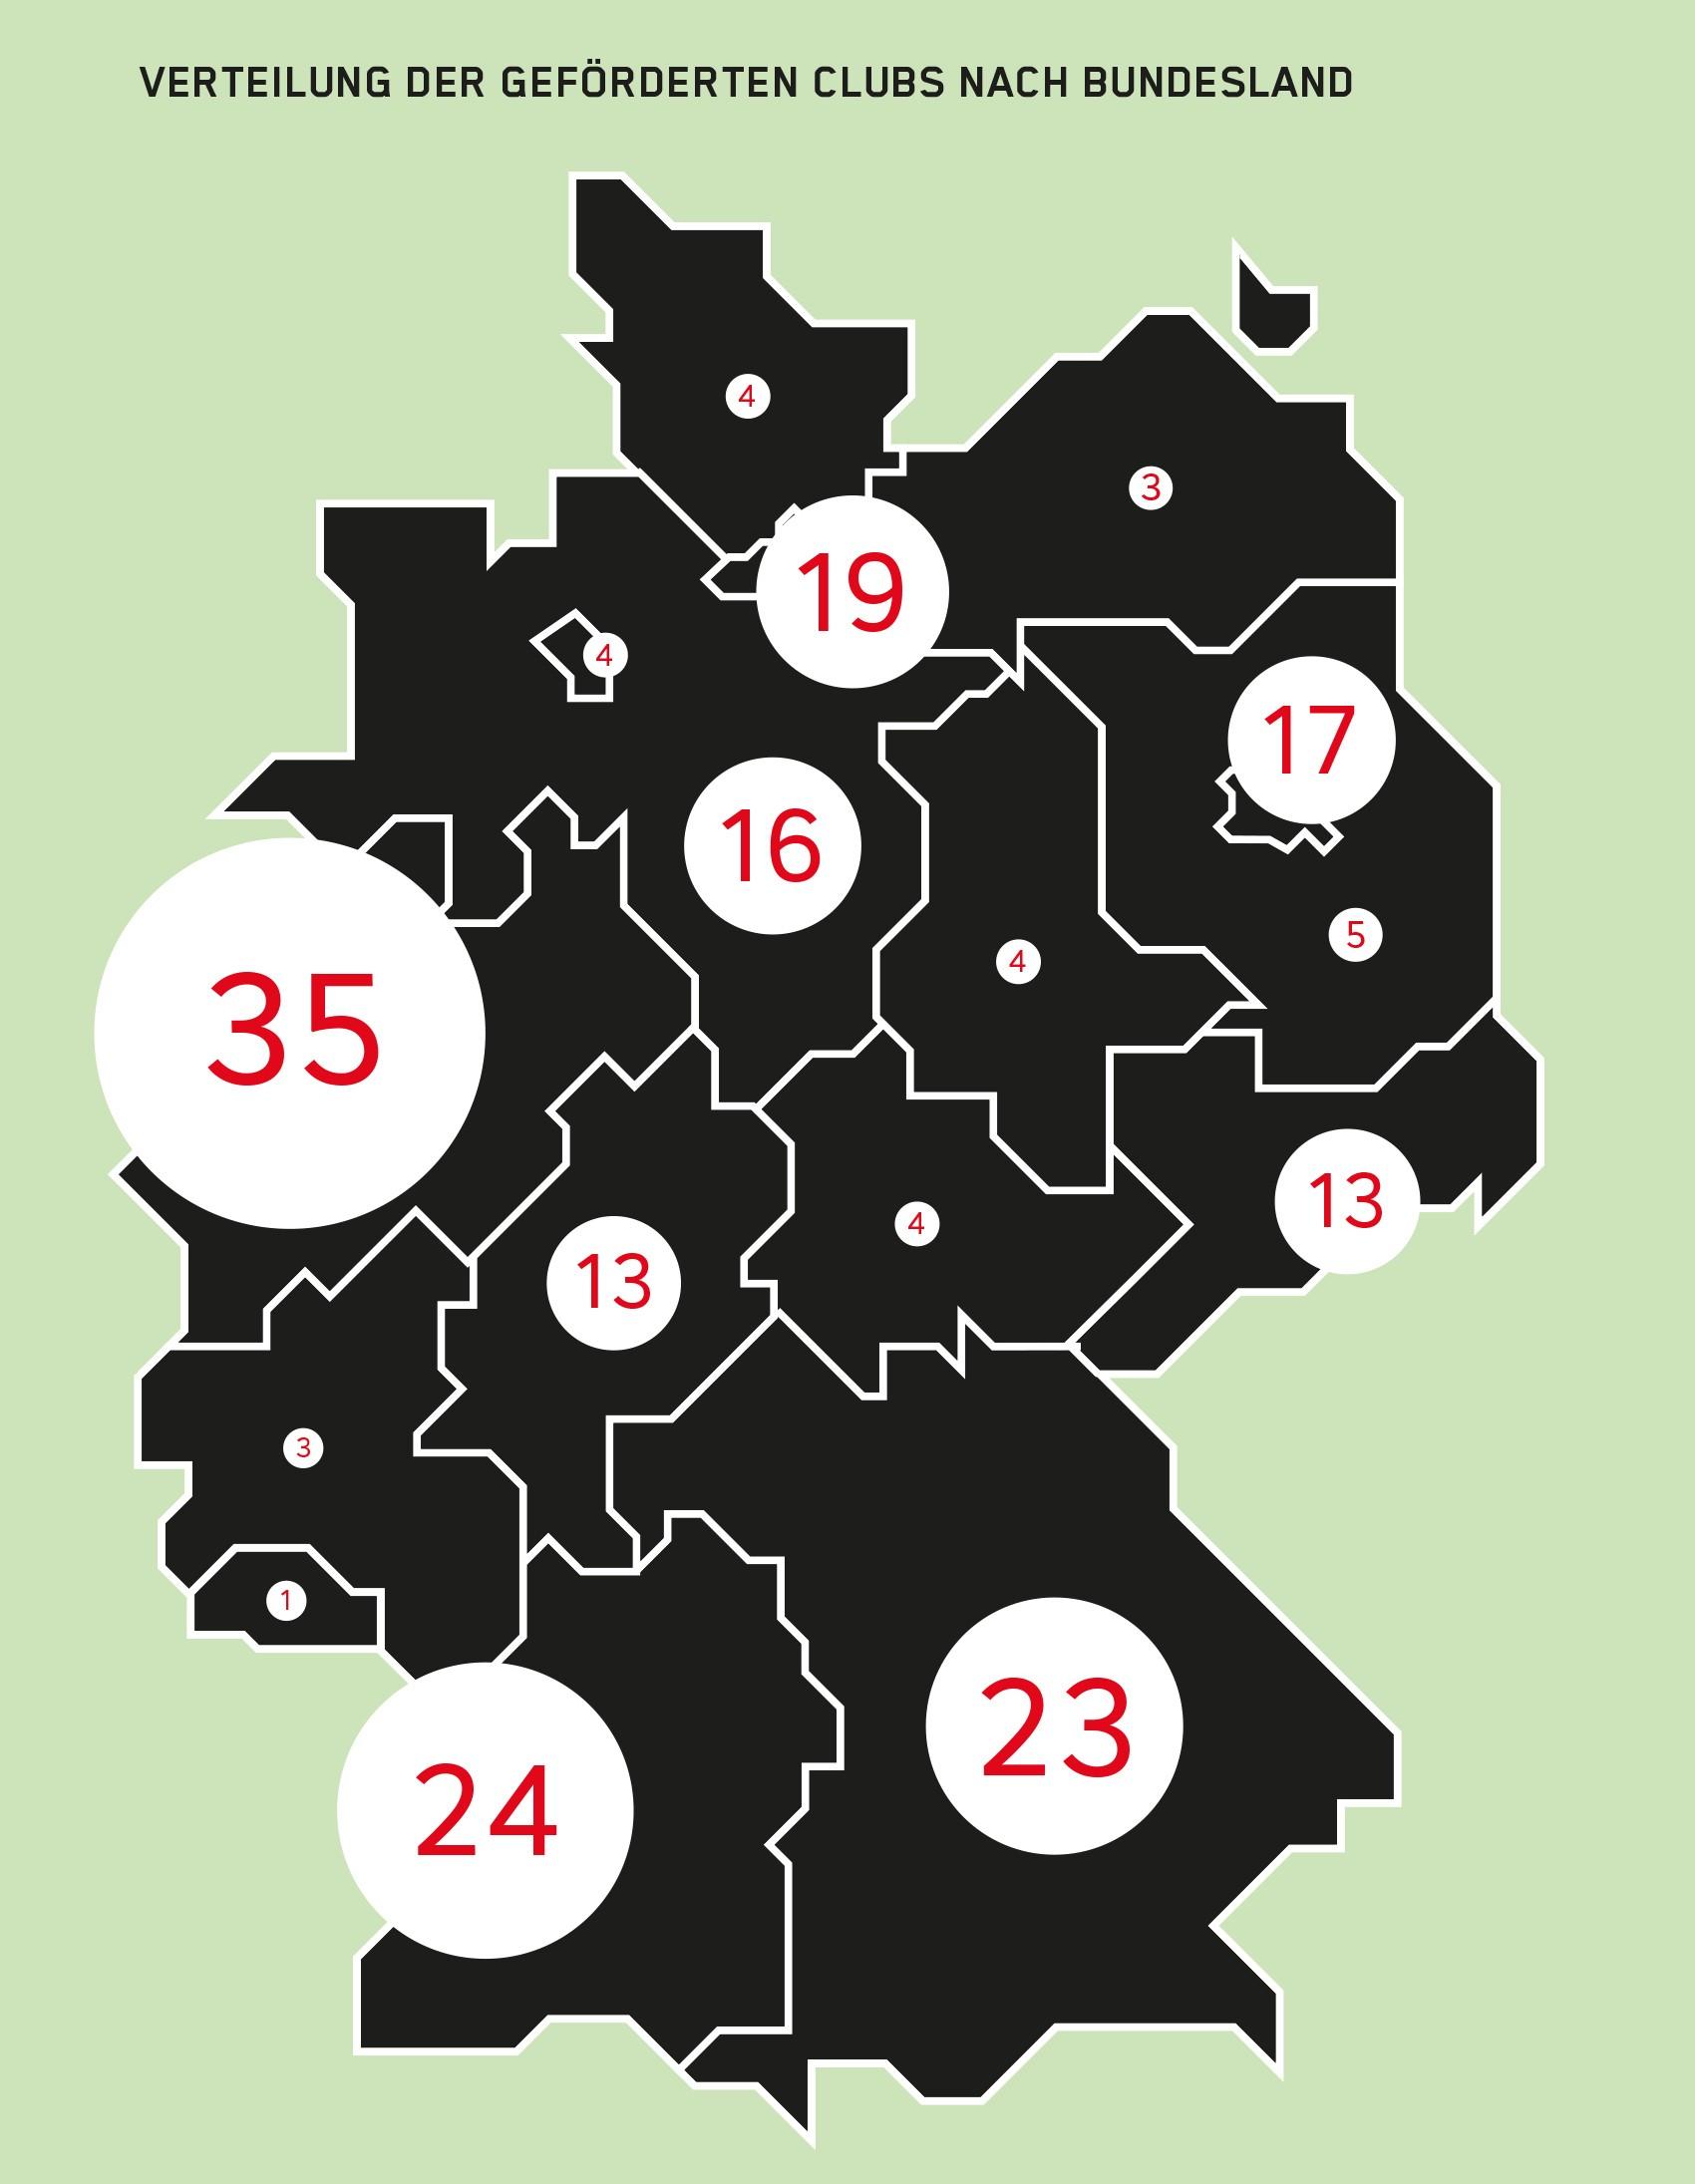 Karte der geförderten Musikclubs in Deutschland